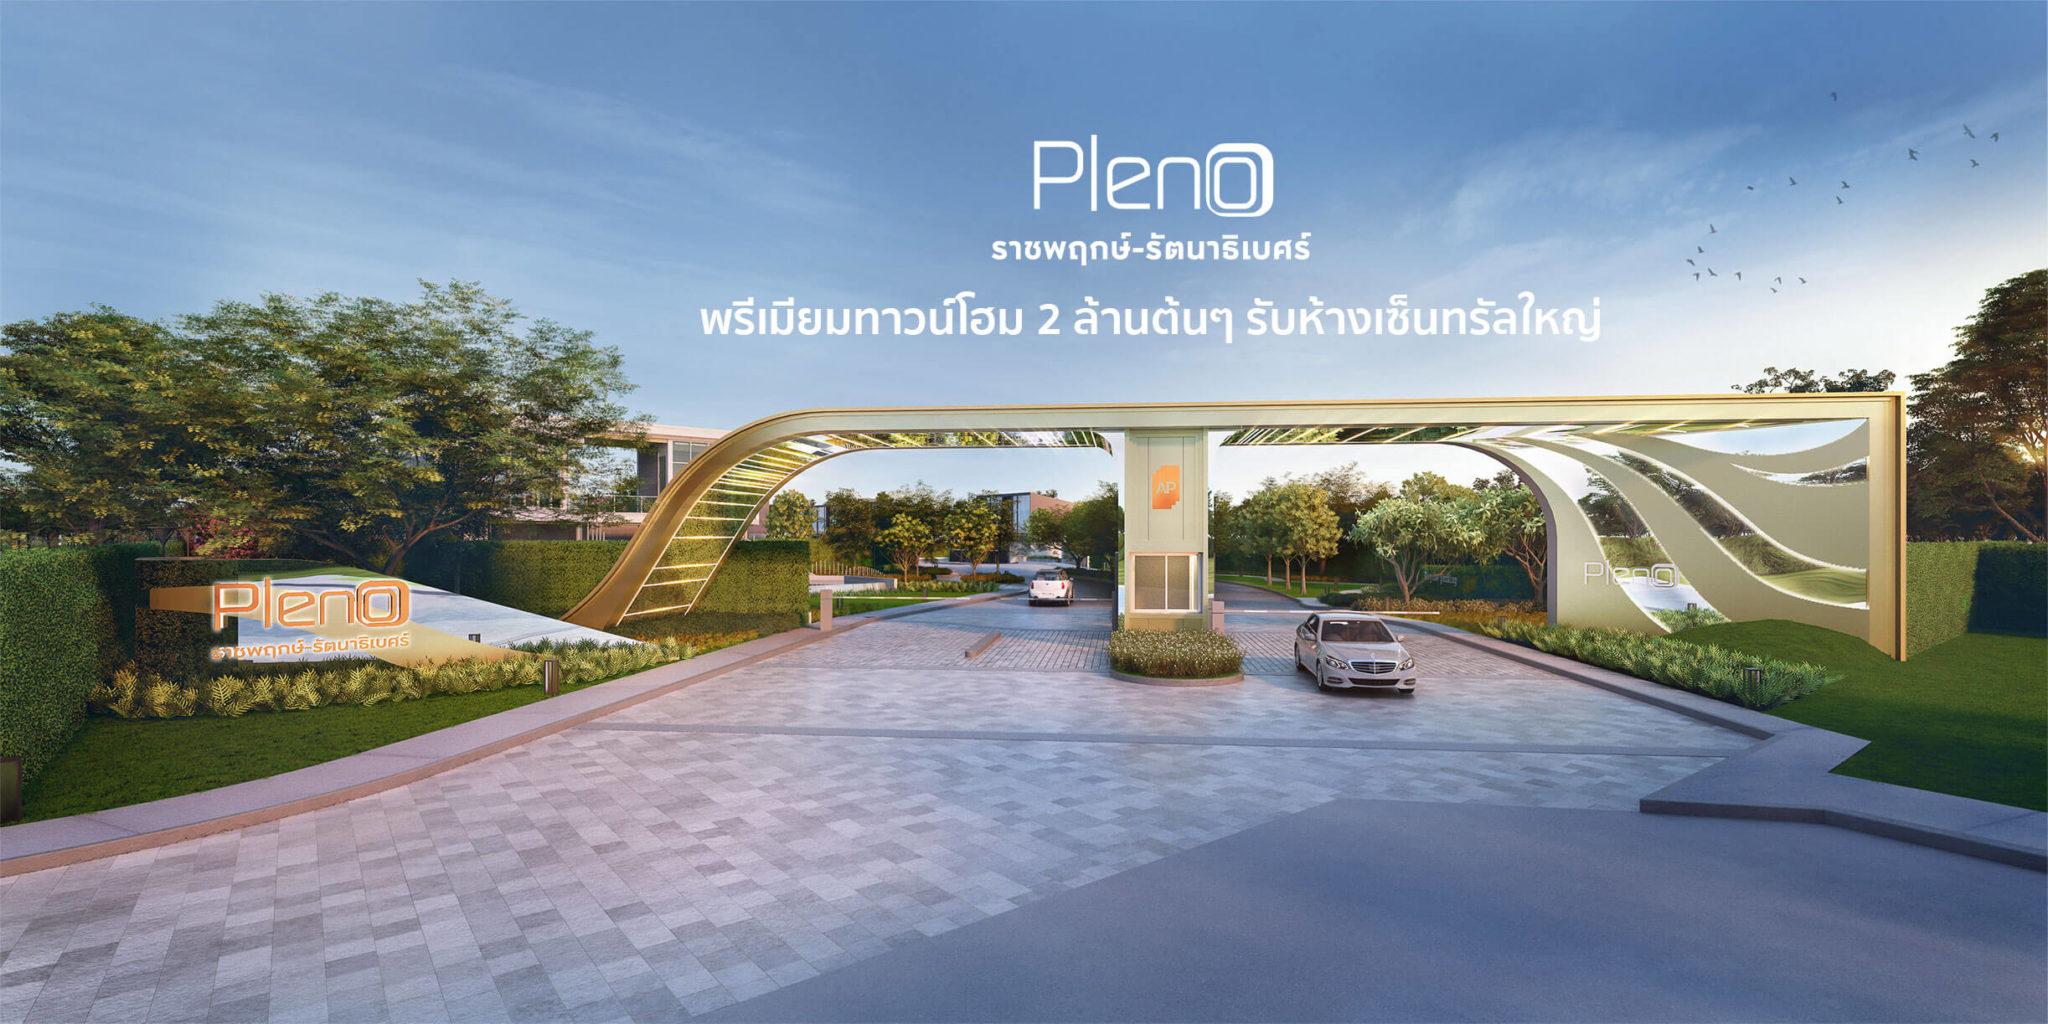 """""""บ้านหลังแรกที่ดีที่สุด"""" PLENO ราชพฤกษ์ – รัตนาธิเบศร์ ทาวน์โฮมพร้อมอยู่ ฟังก์ชั่นครบ คลับเฮ้าส์หรู บนสังคมคุณภาพ ใกล้รถไฟฟ้าและทางด่วน l เริ่ม 2.39 ล้าน* 13 - AP (Thailand) - เอพี (ไทยแลนด์)"""